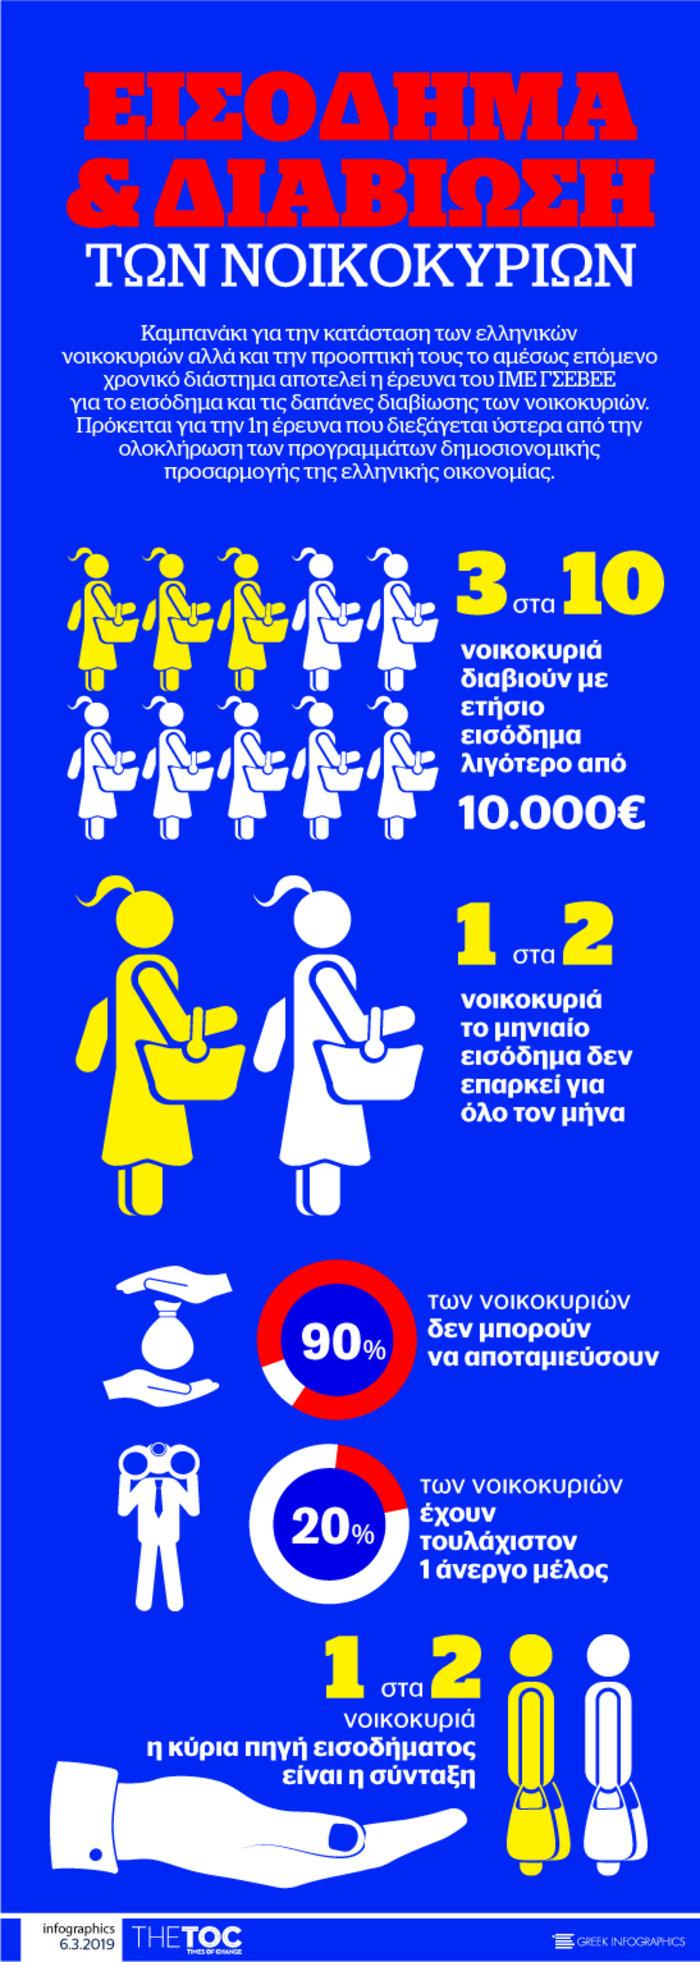 3 στα 10 νοικοκυριά ζουν με ετήσιο εισόδημα κάτω από 10.000 €